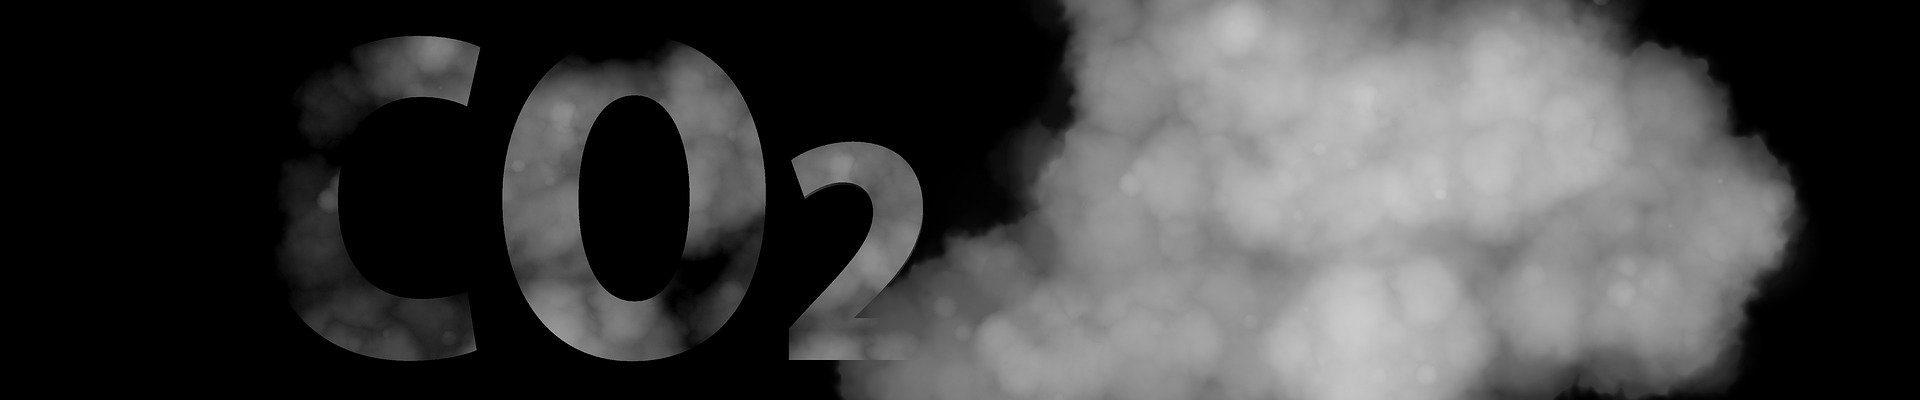 Chmura dymu wraz z napisem CO2